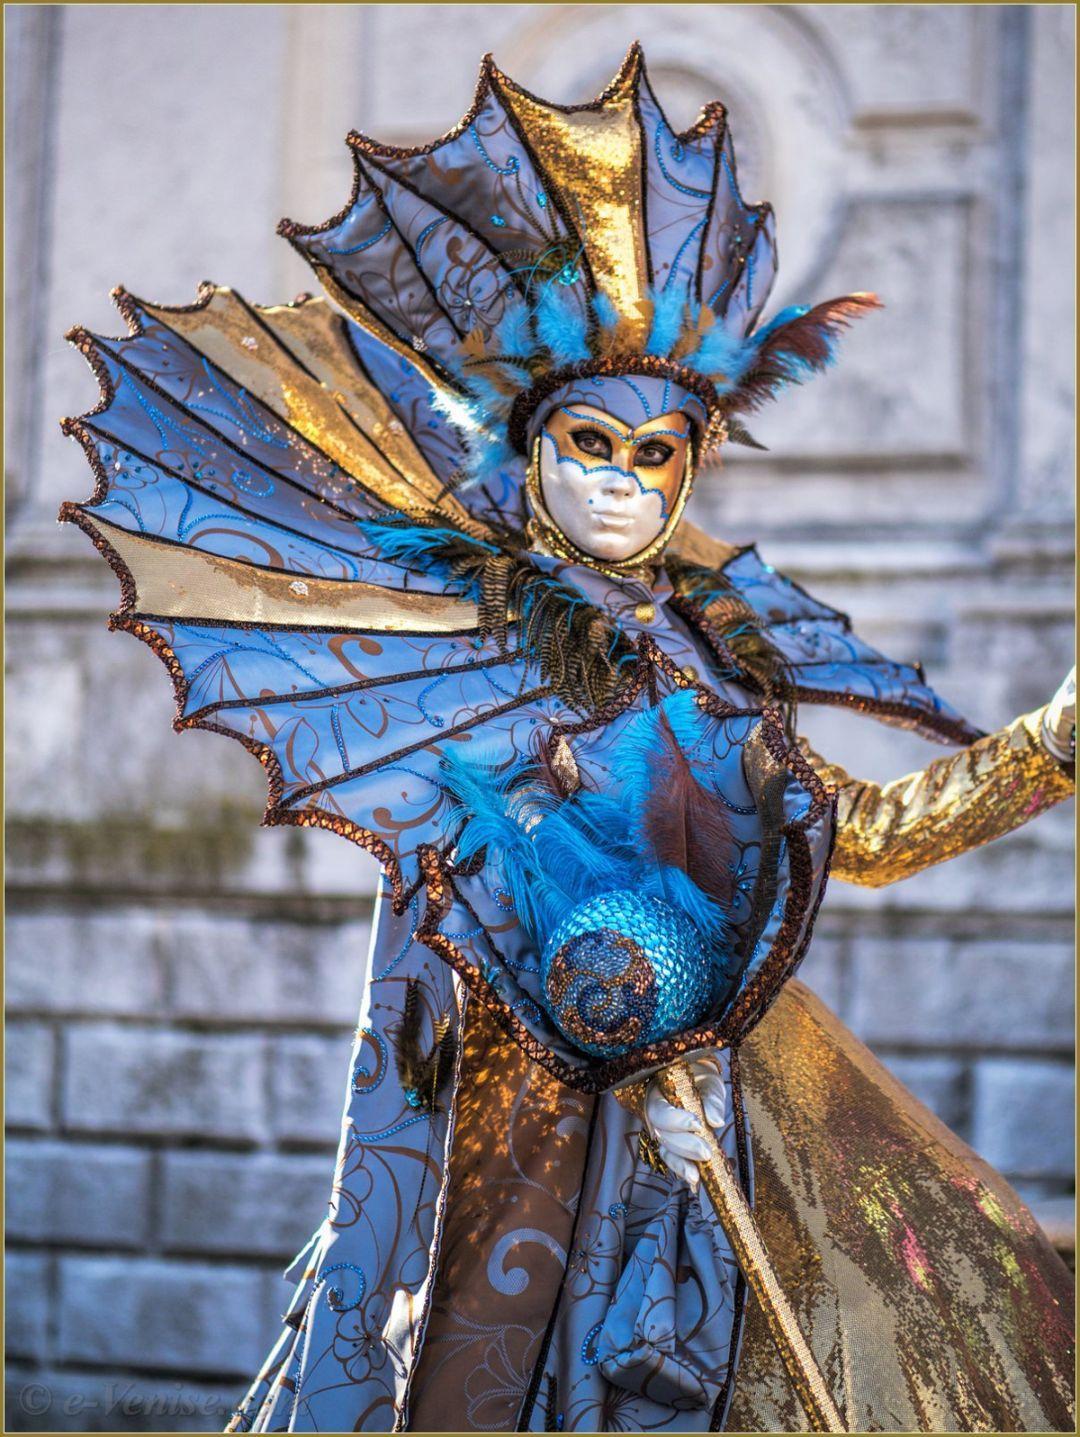 carnaval venise 2016 masques costumes page 30 masques venitiens pinterest carnaval de. Black Bedroom Furniture Sets. Home Design Ideas